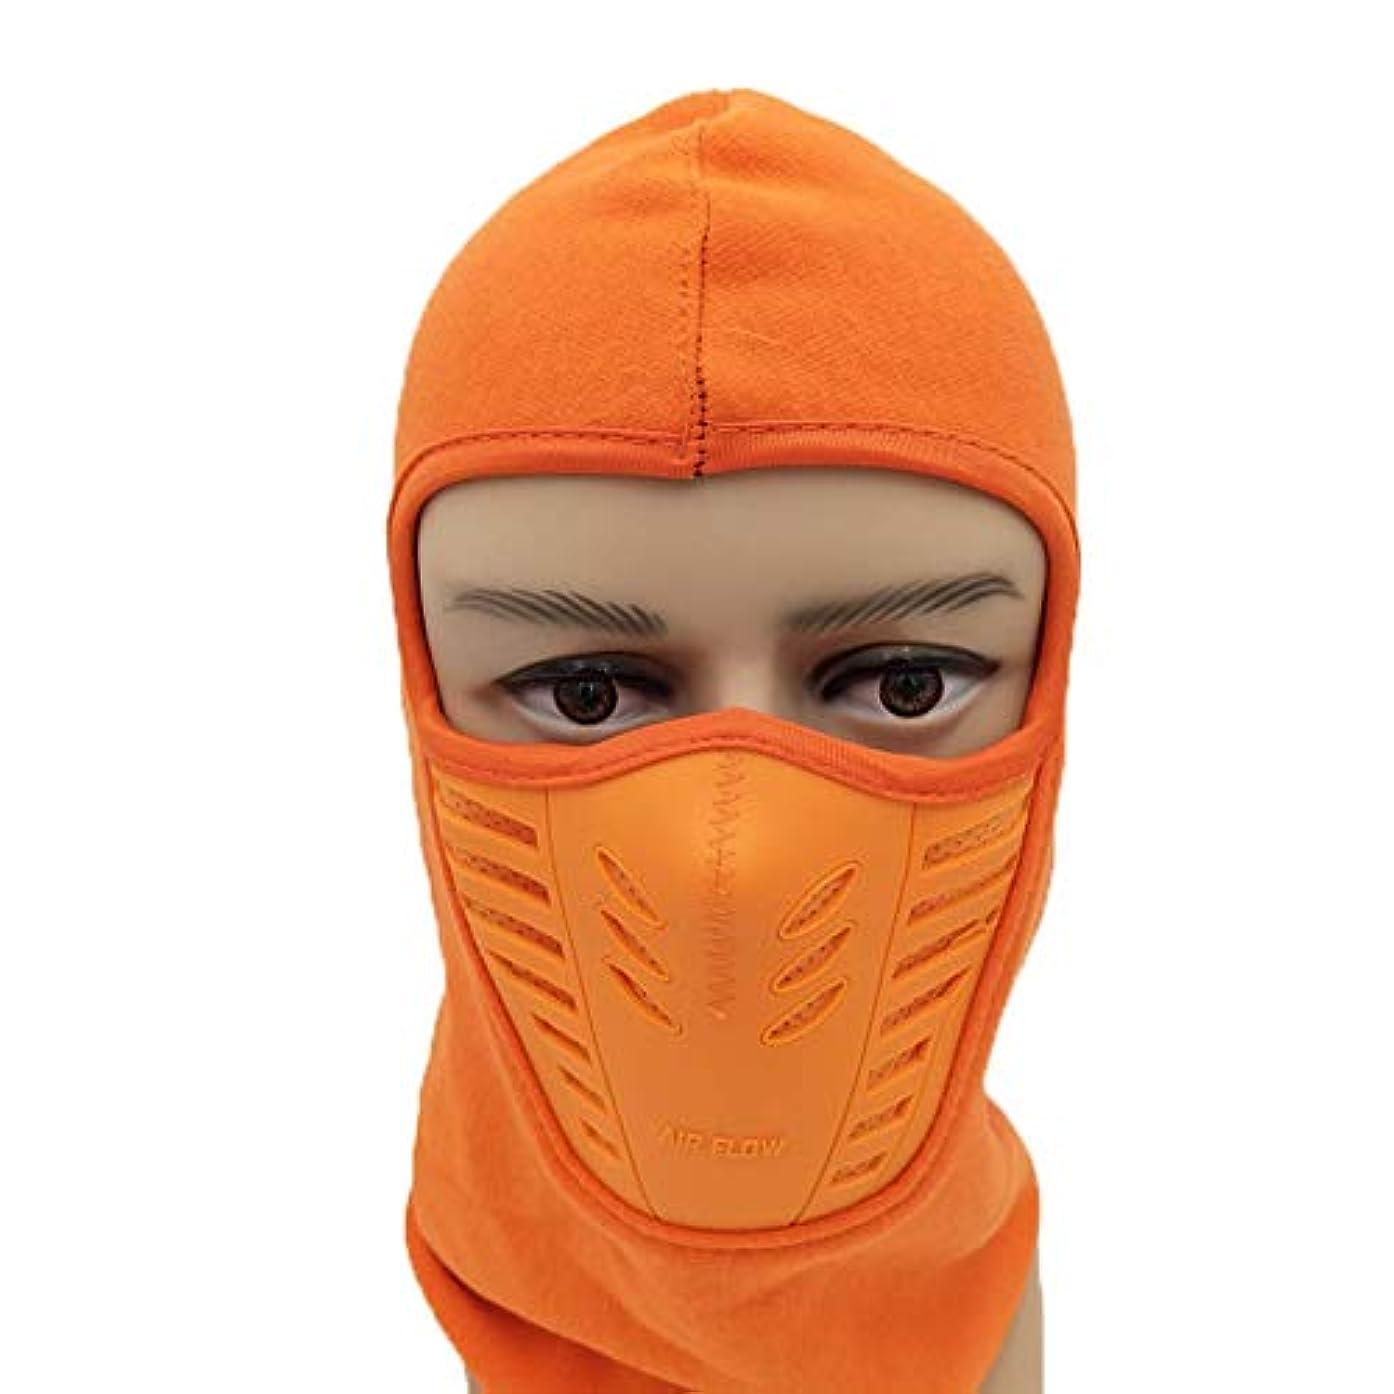 遵守する生息地デッドロックCoolTack ウィンターフリースネックウォーマー、フェイスマスクカバー、厚手ロングネックガーターチューブ、ビーニーネックウォーマーフード、ウィンターアウトドアスポーツマスク防風フード帽子